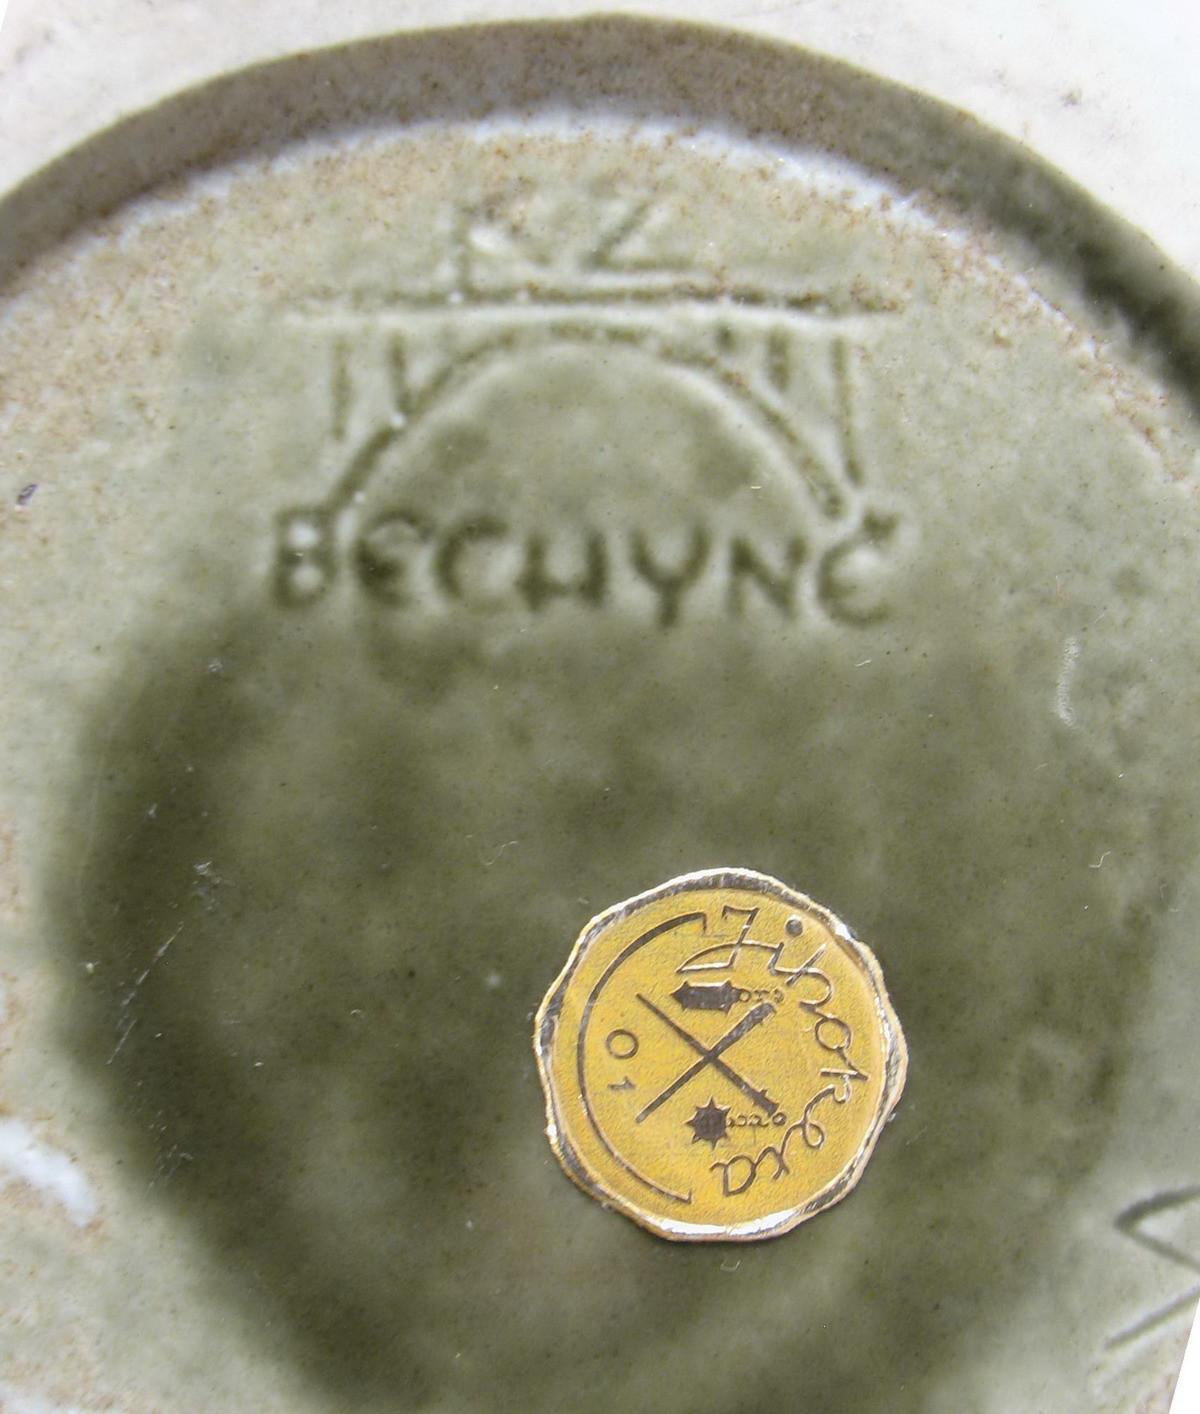 boccale-per-birra-con-conigli-2,486.jpg?WebbinsCacheCounter=1